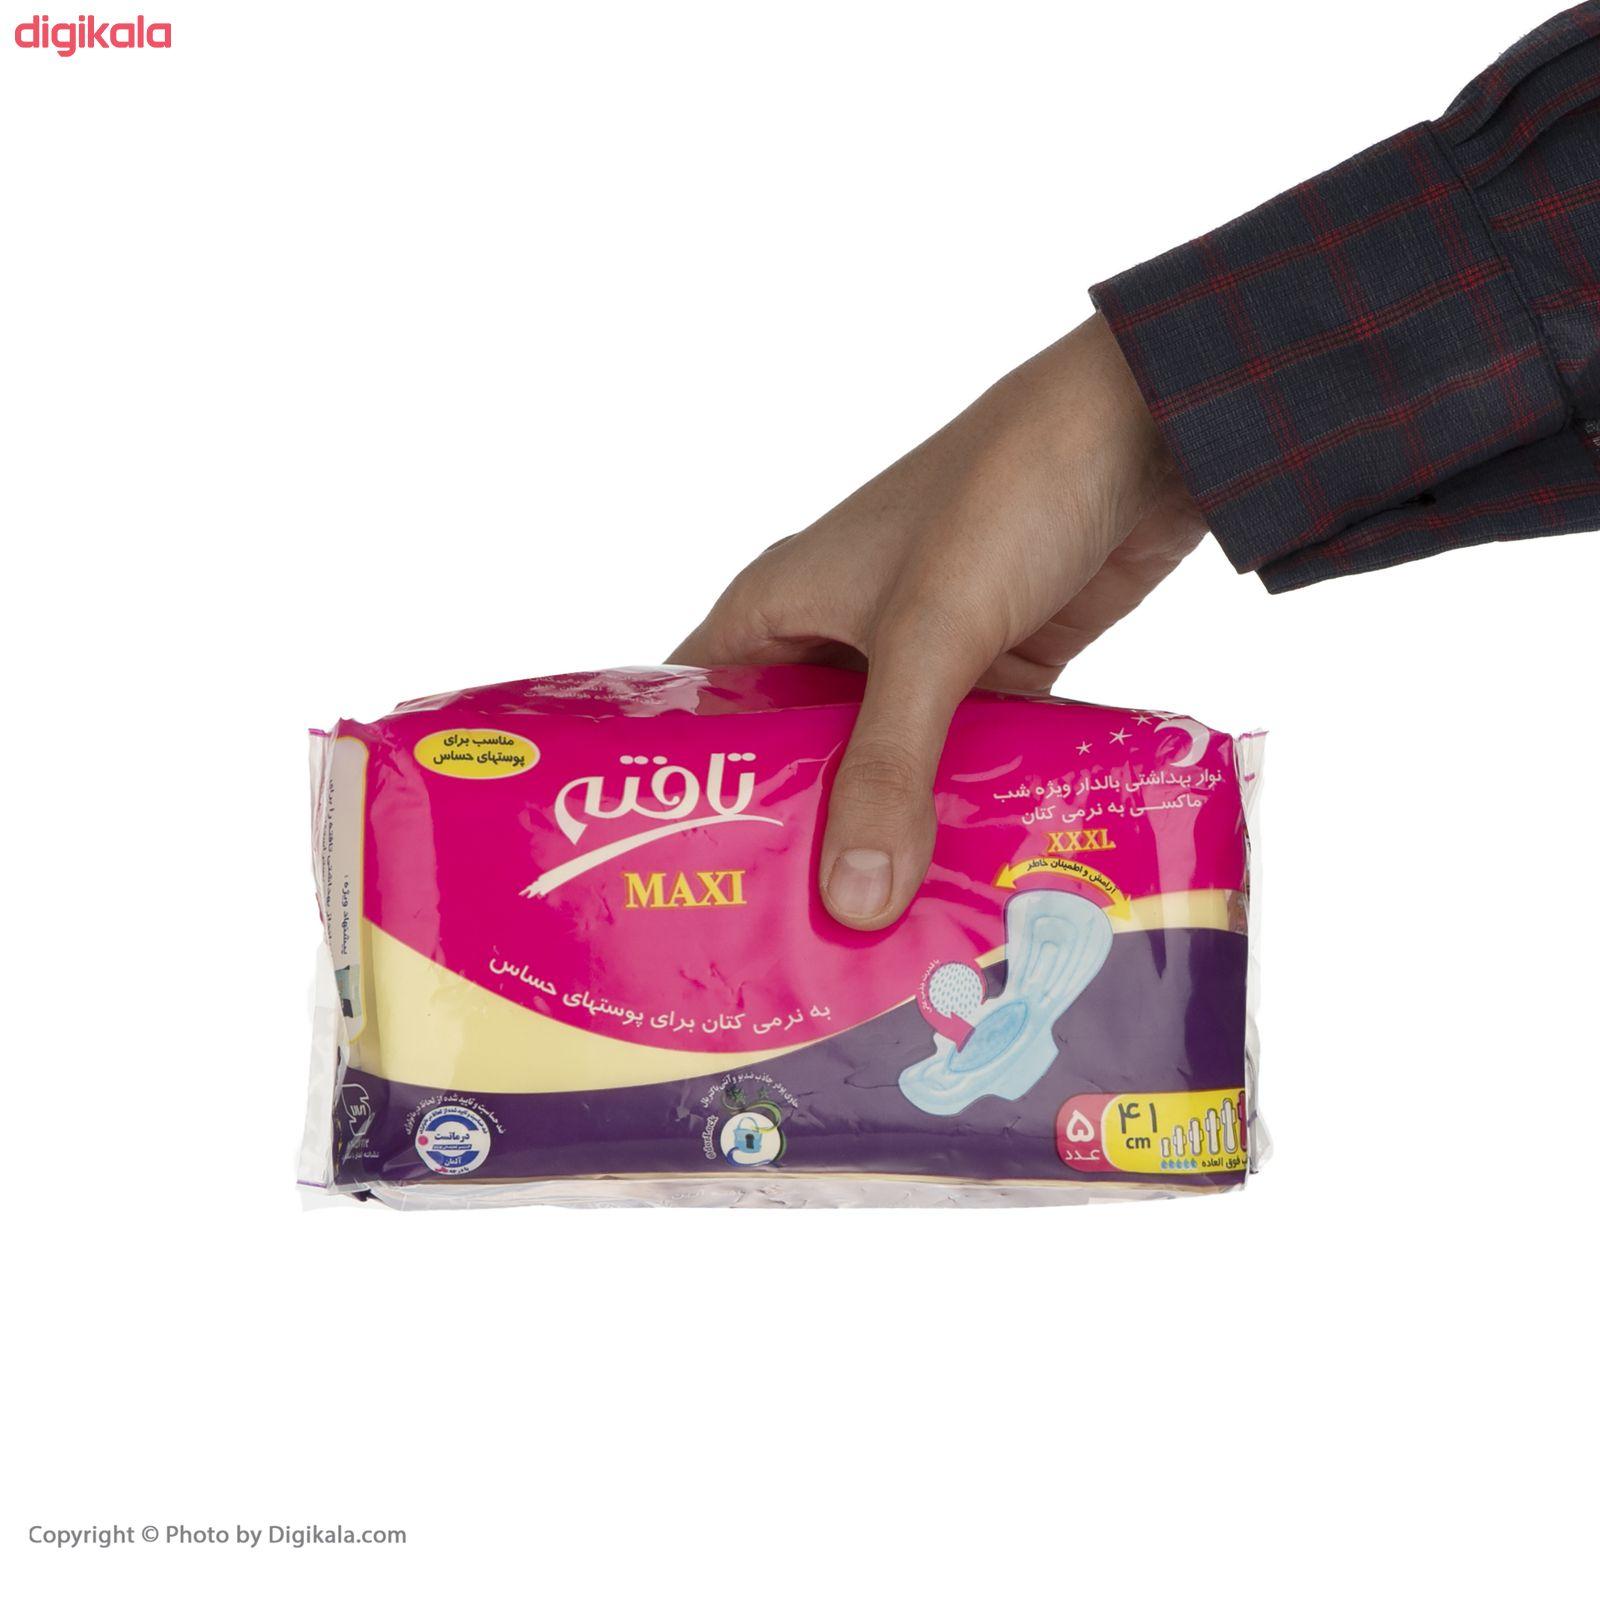 نوار بهداشتی بالدار تافته مدل Maxi ویژه شب سایز XXXL بسته 5 عددی main 1 3